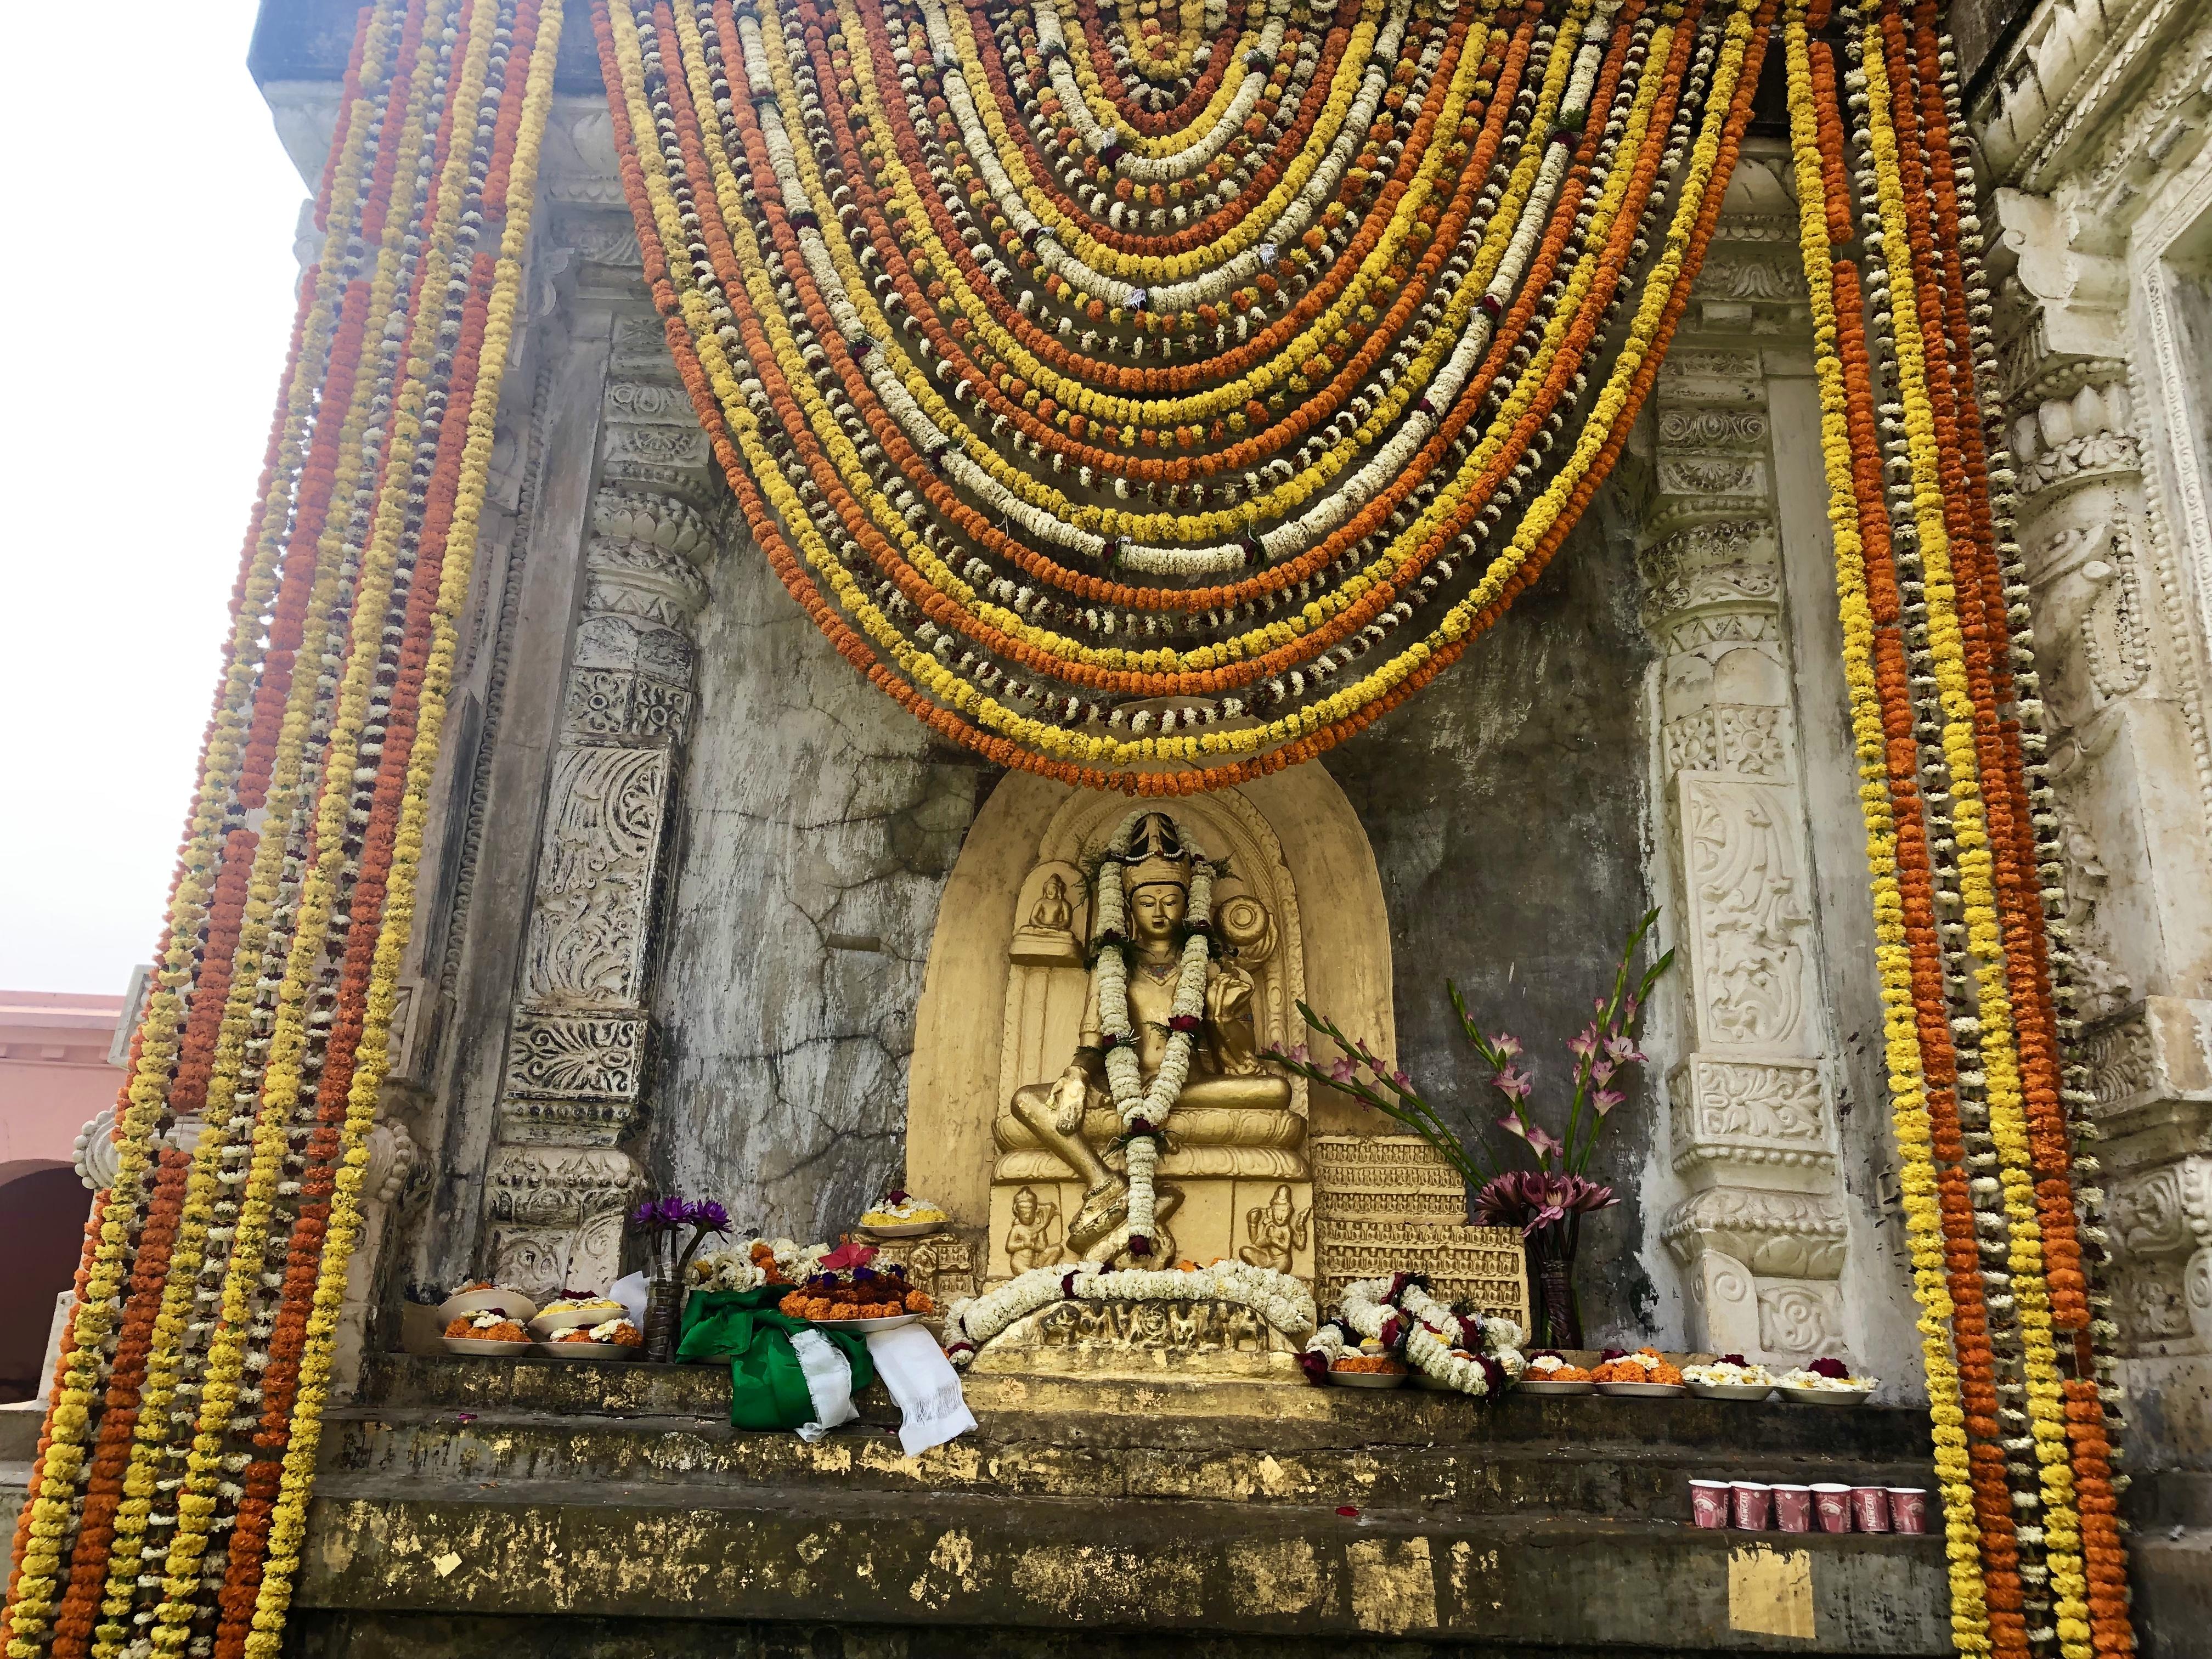 Blumendarbringungen. Rigpa Gebetsfest, März 2019, Bodhgaya (Indien)